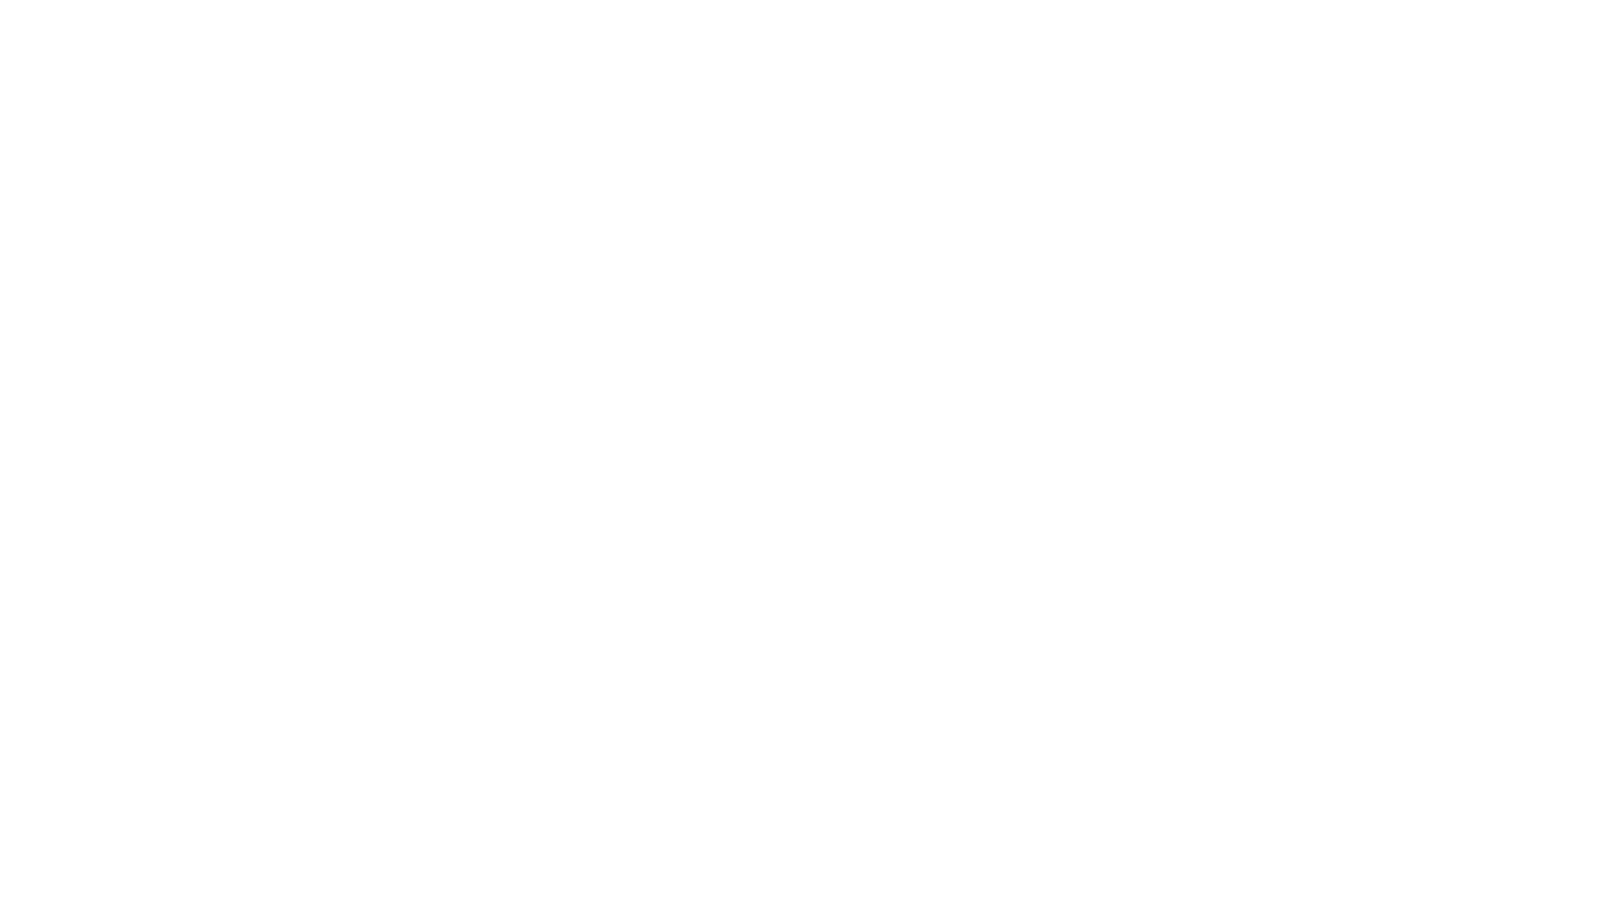 Webinar Nro 66 de la comunidad Latino .NET Online realizado el sábado 18 de septiembre del 2021  🎤Speakers: Germán Küber  📚Tema: Durante demasiado tiempo hemos vivido bajo la tiranía de las arquitecturas de N-Capas. Construyendo sistemas con abstracciones complicadas, indirección innecesaria y más simulacros en nuestras pruebas que una comedia especial. Pero hay una mejor manera: pensar en términos de arquitecturas de cortes verticales en lugar de capas horizontales. Una vez que adoptamos rodajas sobre capas, nos abrimos a una arquitectura nueva y más sencilla, cambiando la forma en que construimos, organizamos y desplegamos sistemas. En esta charla vamos a hacer una introducción a Vertical Slice Architecture (Jimmy Board). Vamos a entender sus beneficios y a ver una implementación de la misma. Finalizaremos con la presentación de un proyecto real y algunos consejos de cuándo y como implementarla.   Suscríbete! :)  Like y comparte! :)  📌 Nuestras Redes Sociales: 📌 🔴 Sitio Web: https://latinonet.online 🔴 Twitter: https://twitter.com/LatinoNETOnline 🔴 Servidor de Discord: https://go.latinonet.online/discord 🔴 Grupo de Telegram: https://go.latinonet.online/telegram